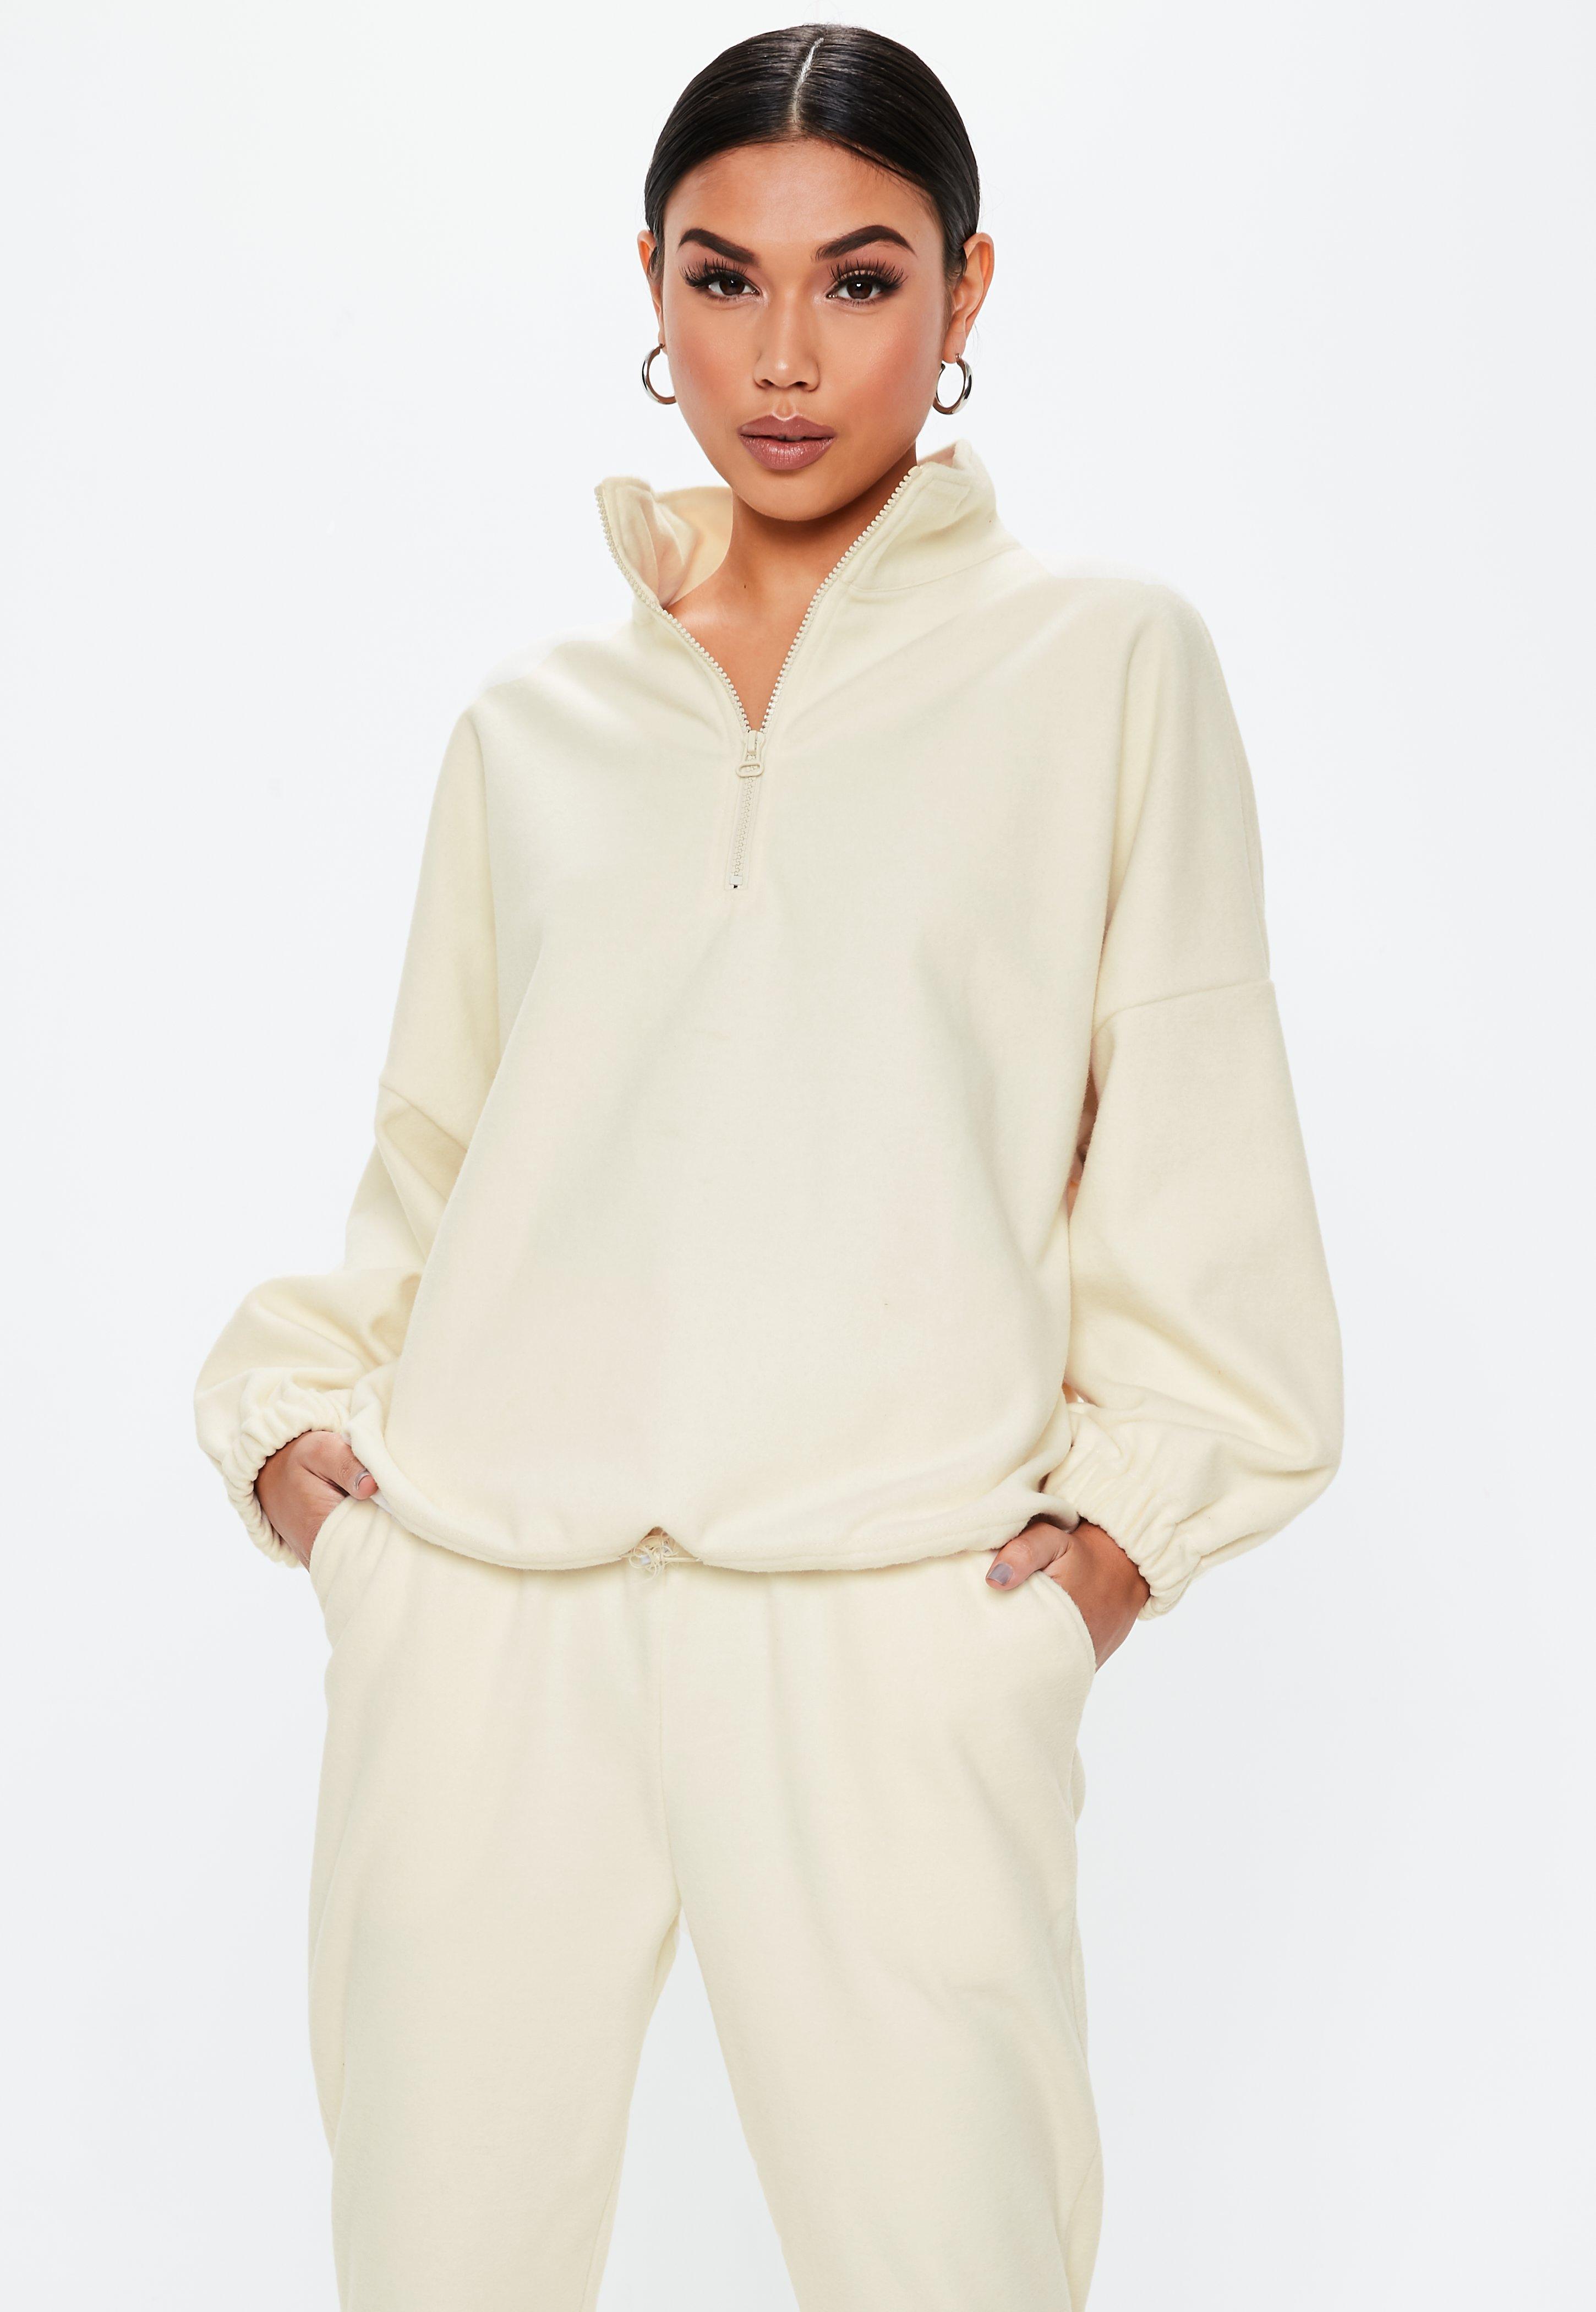 55d65517853 Cream Zip Up High Neck Toggle Sweatshirt